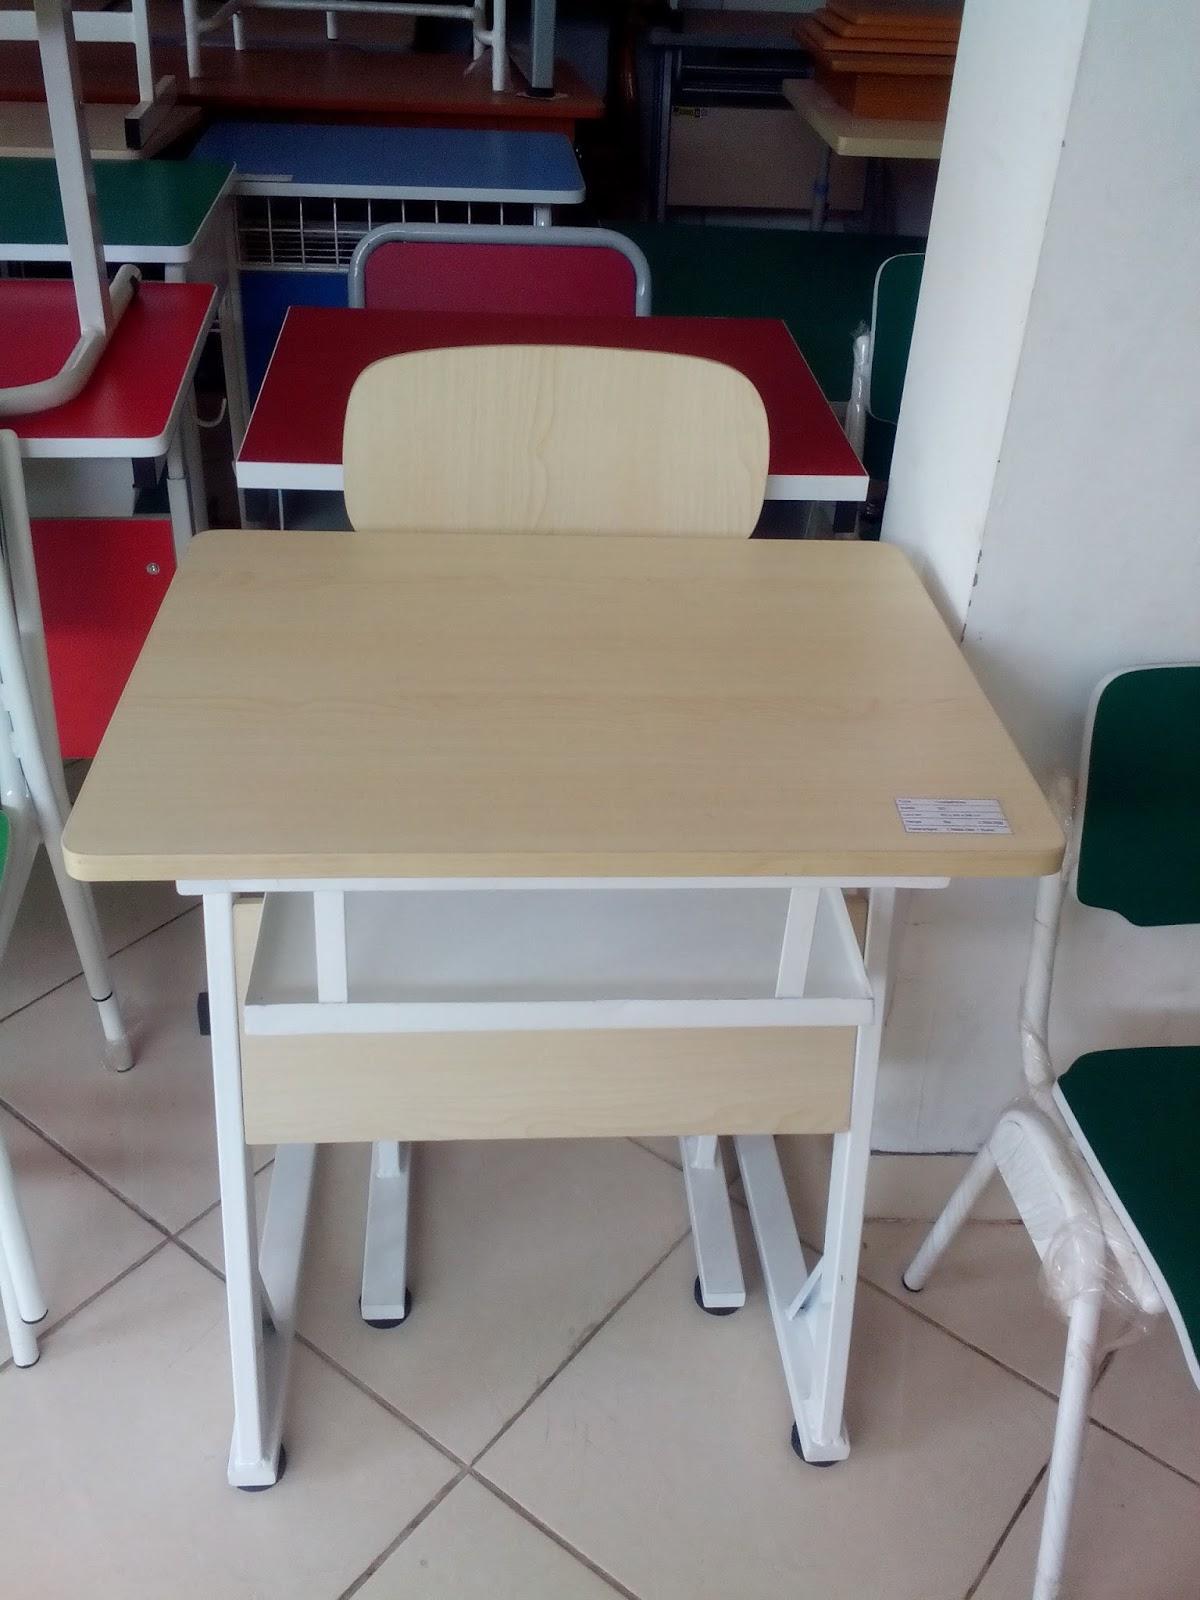 Hasil gambar untuk kursi sekolah modern